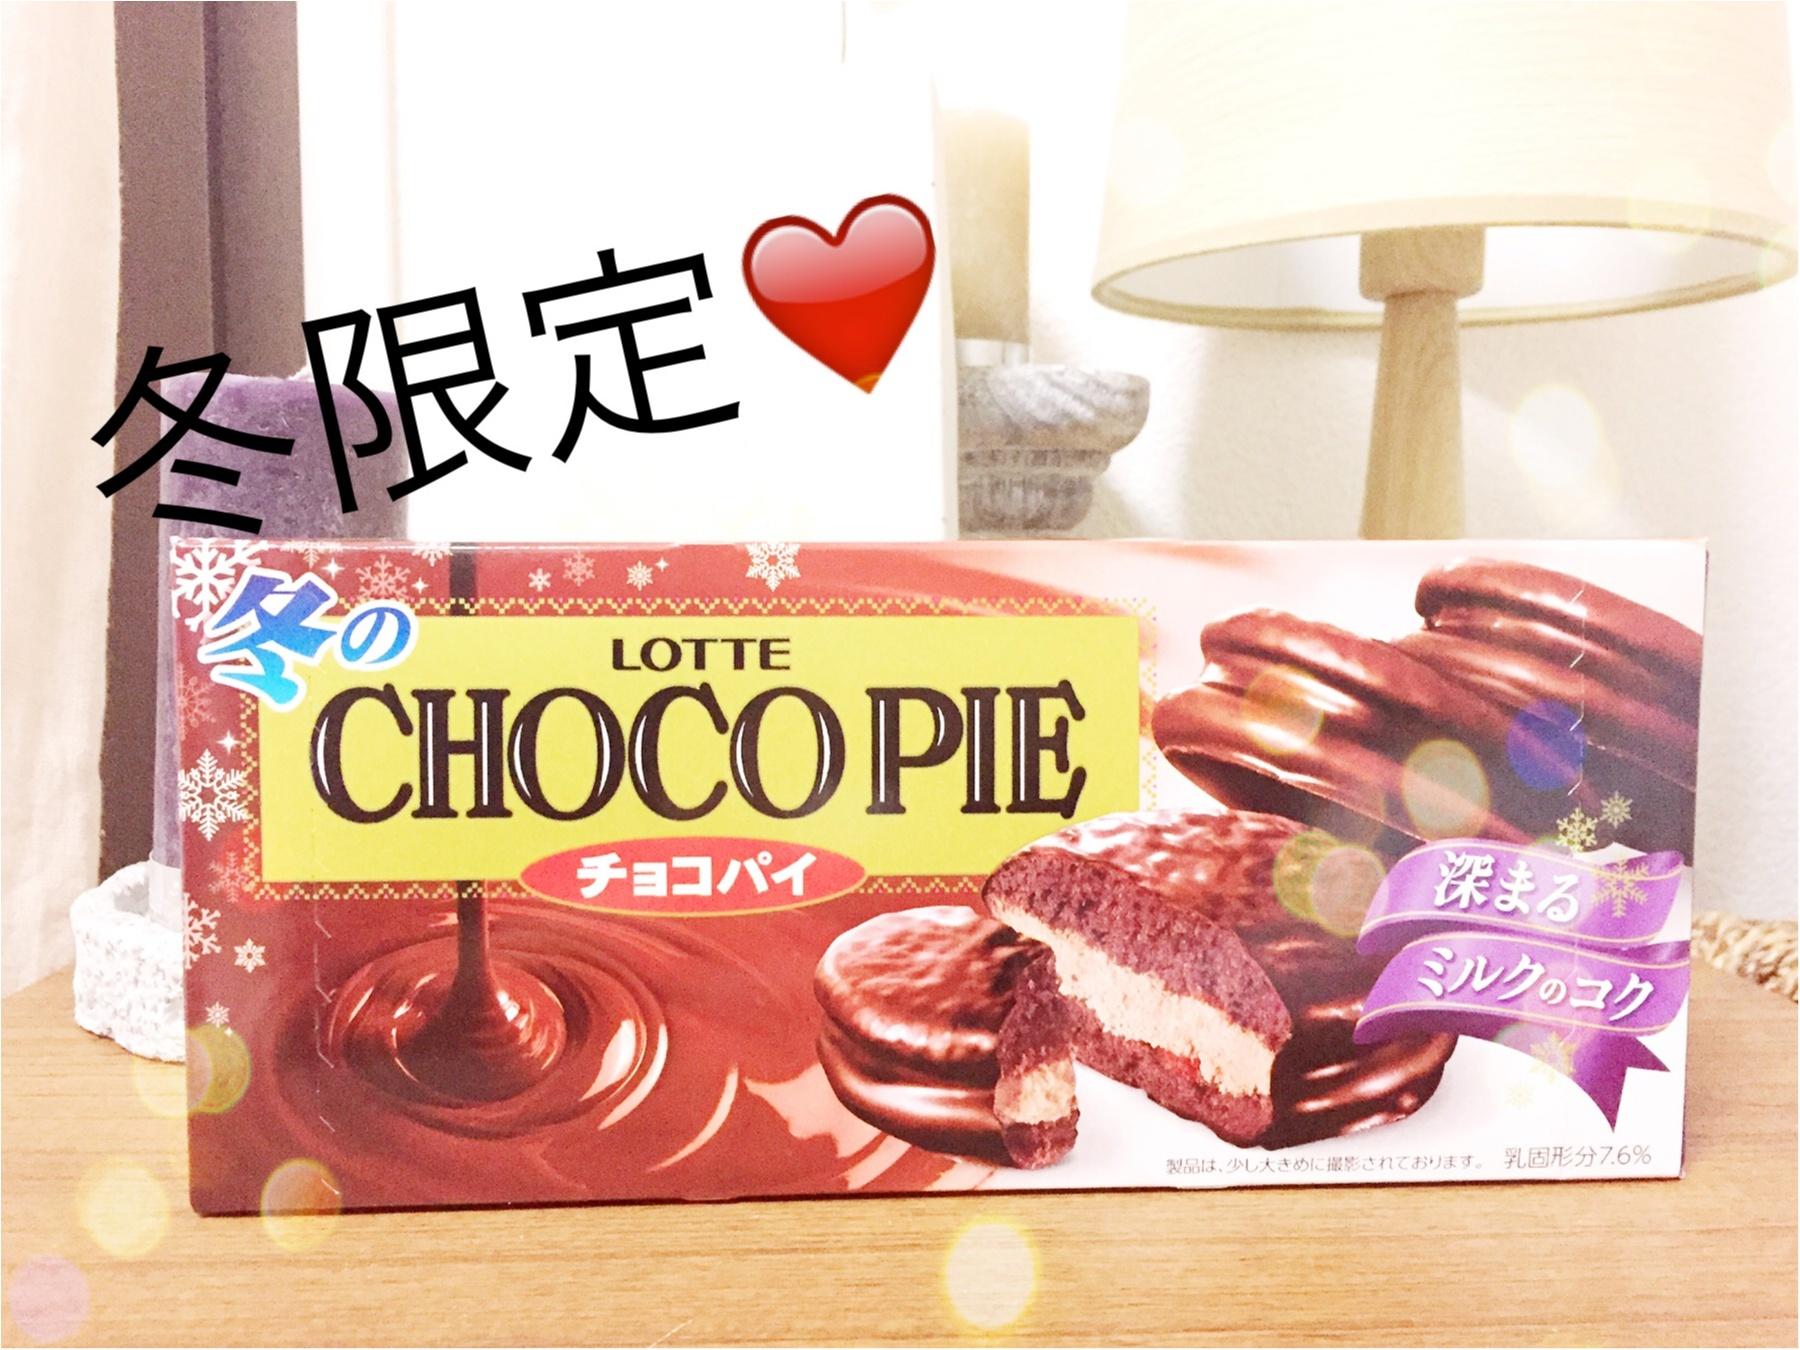 …ஐ ロッテのチョコパイ♪から冬限定♥️がでました! ஐ¨_1